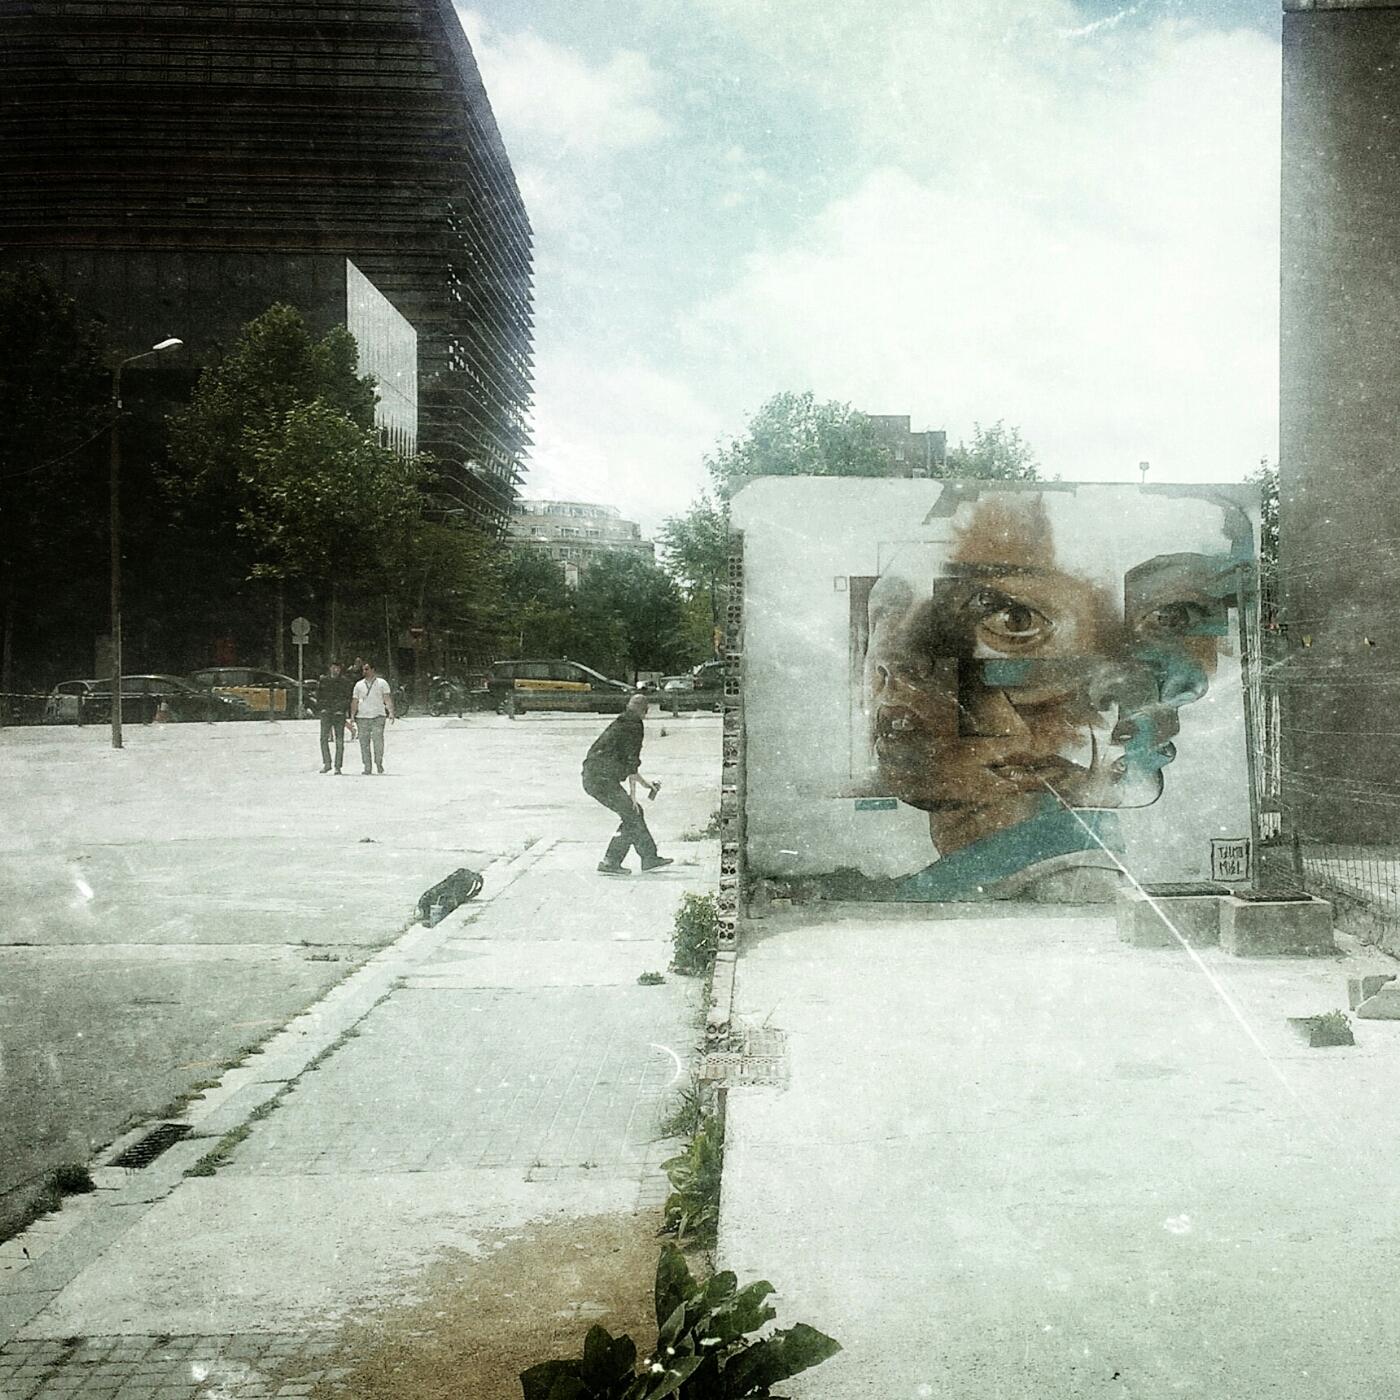 Tilki kılıklı graffiti ustası, 21.yy   #Barcelona #graffiti